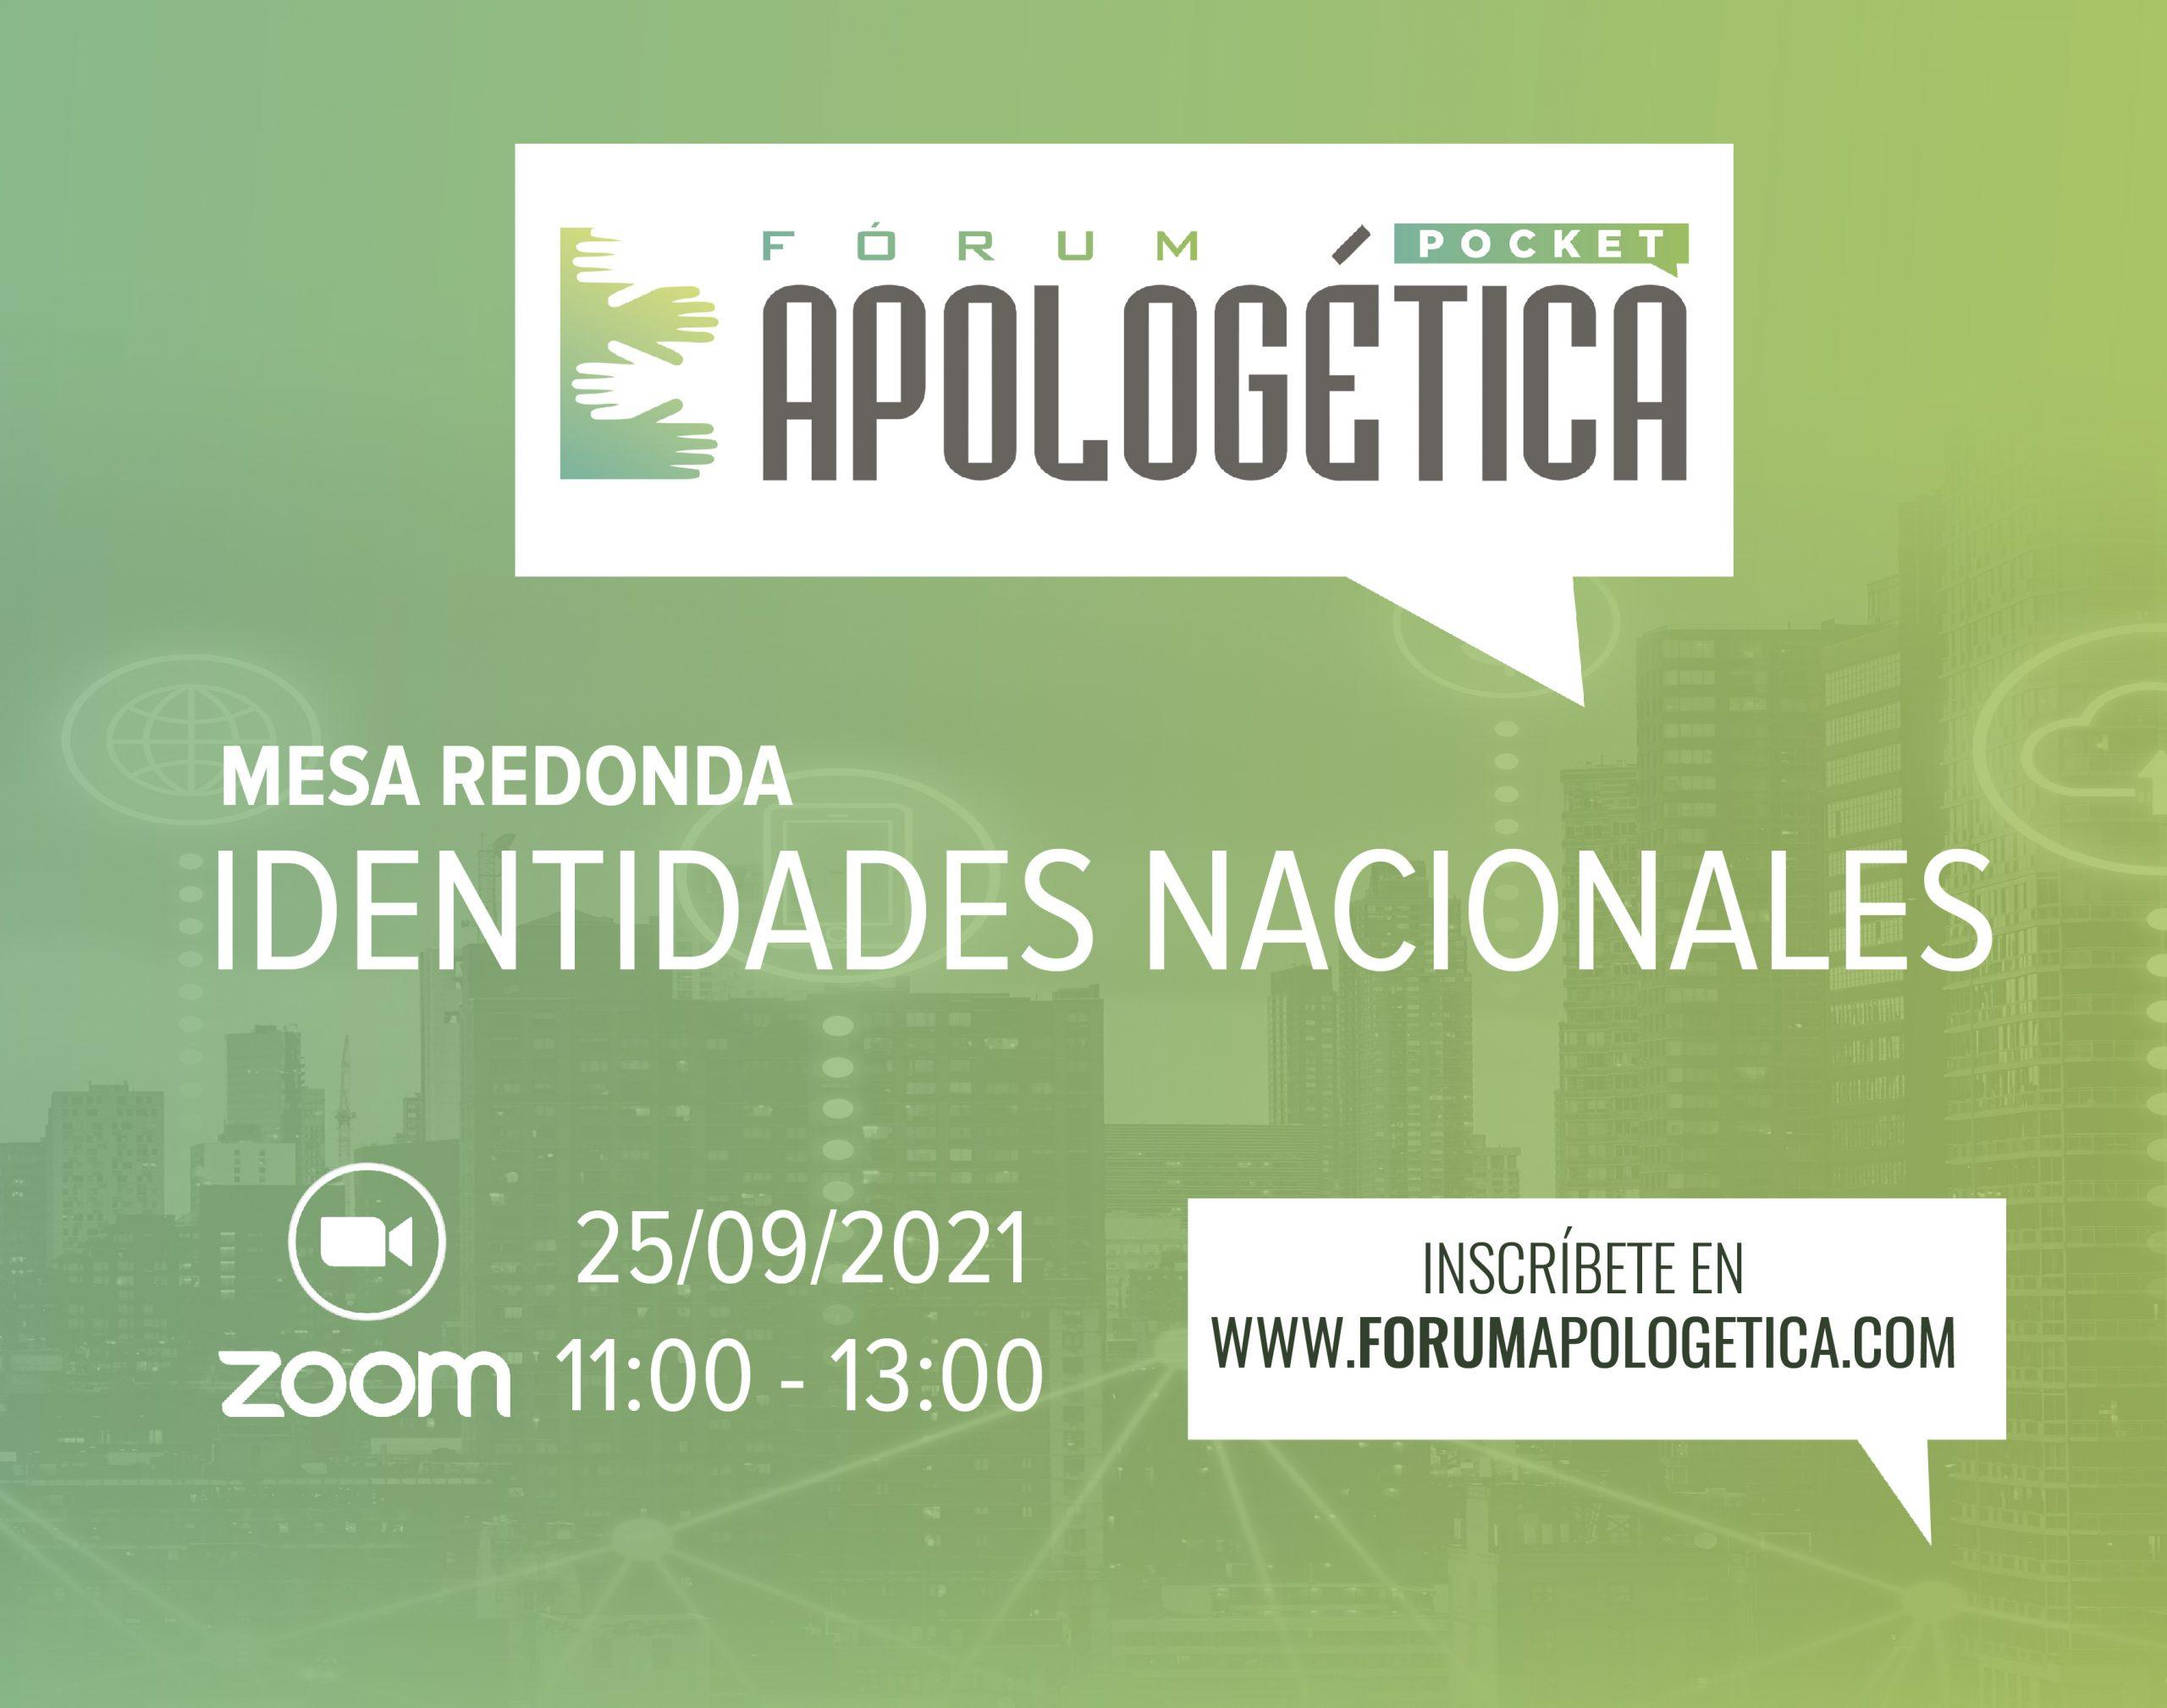 Fórum Apologética Pocket